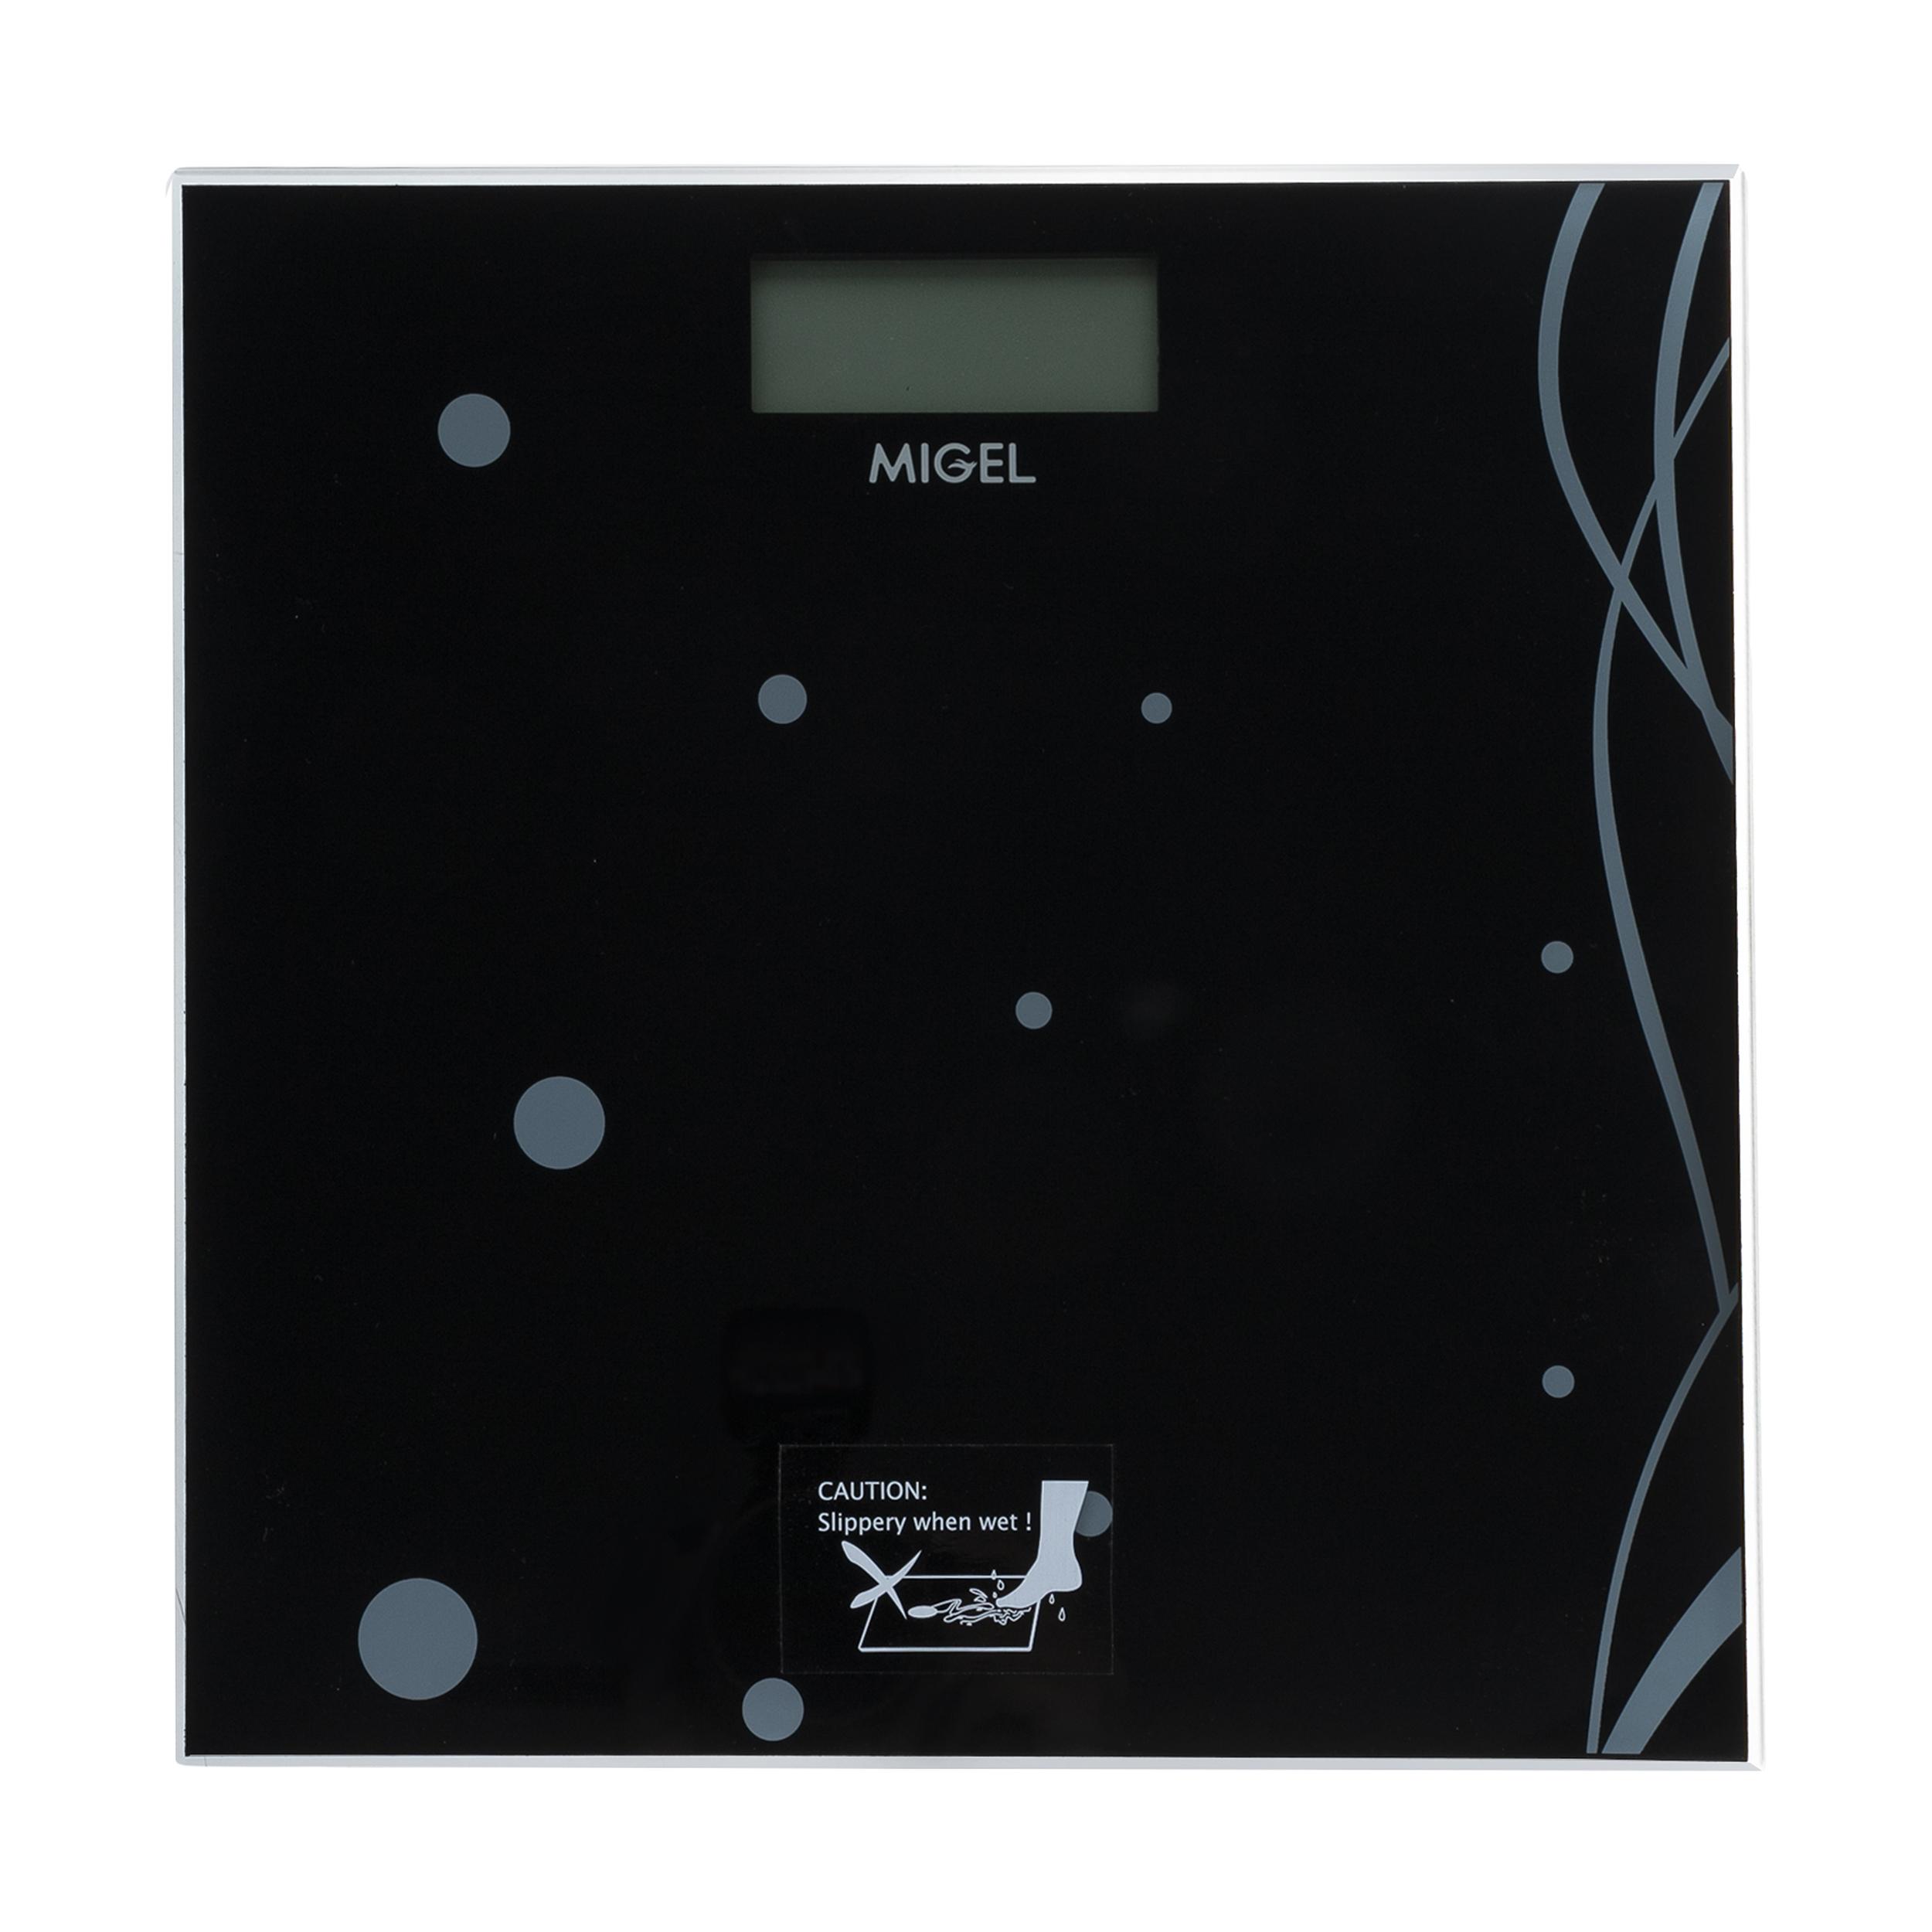 ترازو دیجیتال میگل مدل  500